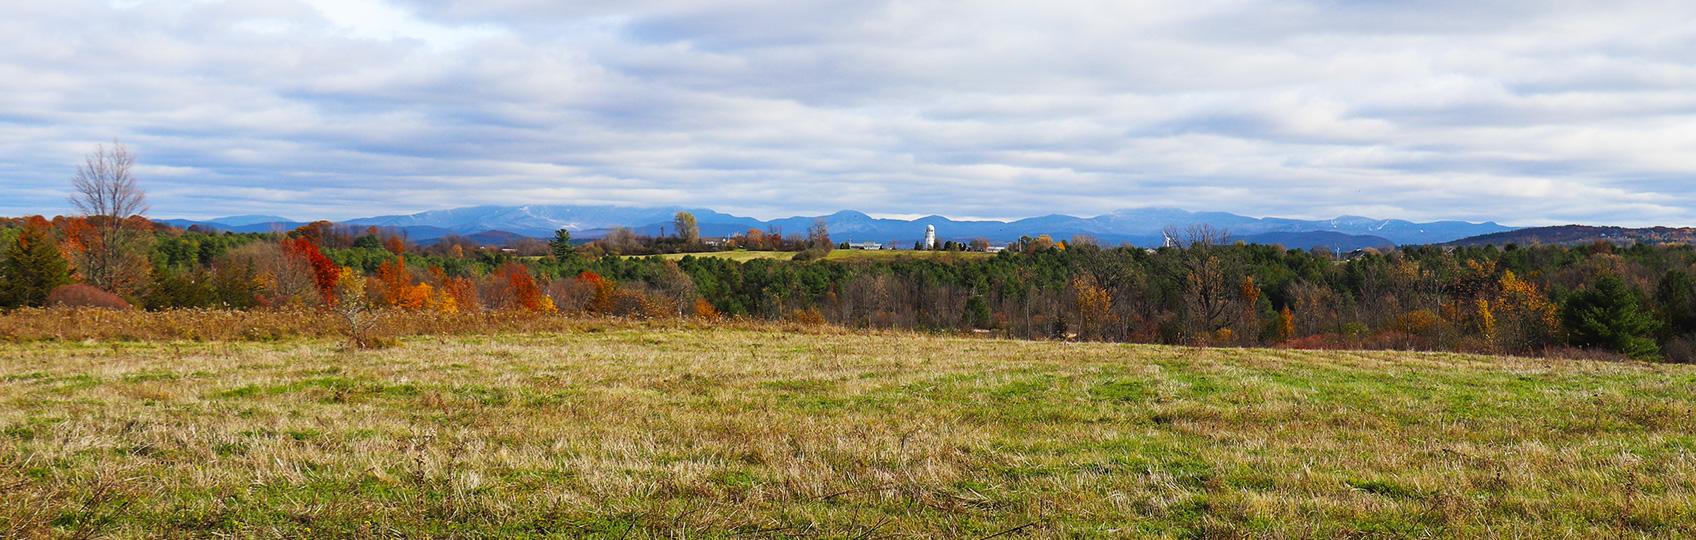 South Burlington Land for Sale